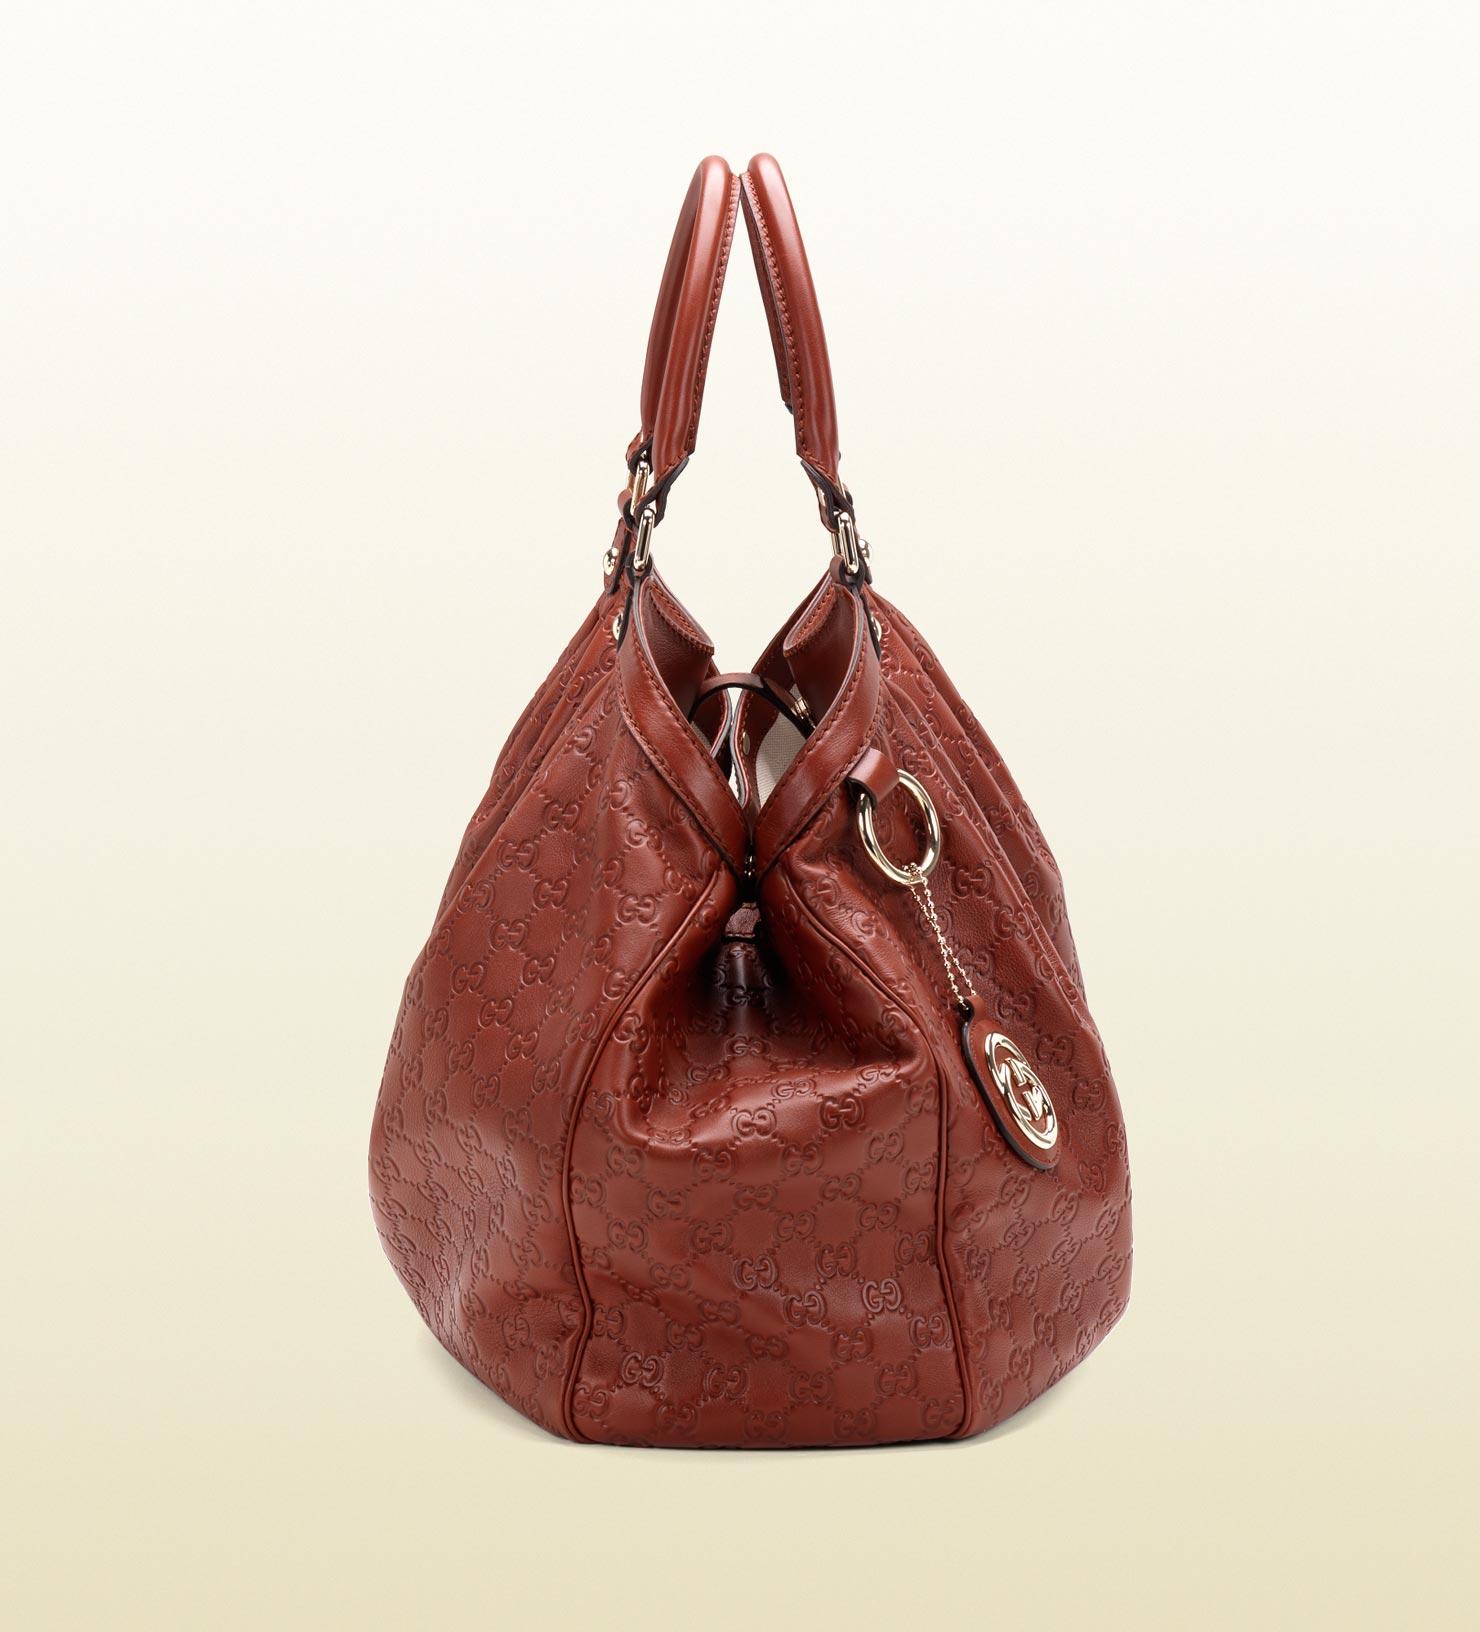 9132d0da60e9 Gucci Sukey Guccissima Leather Tote in Brown - Lyst